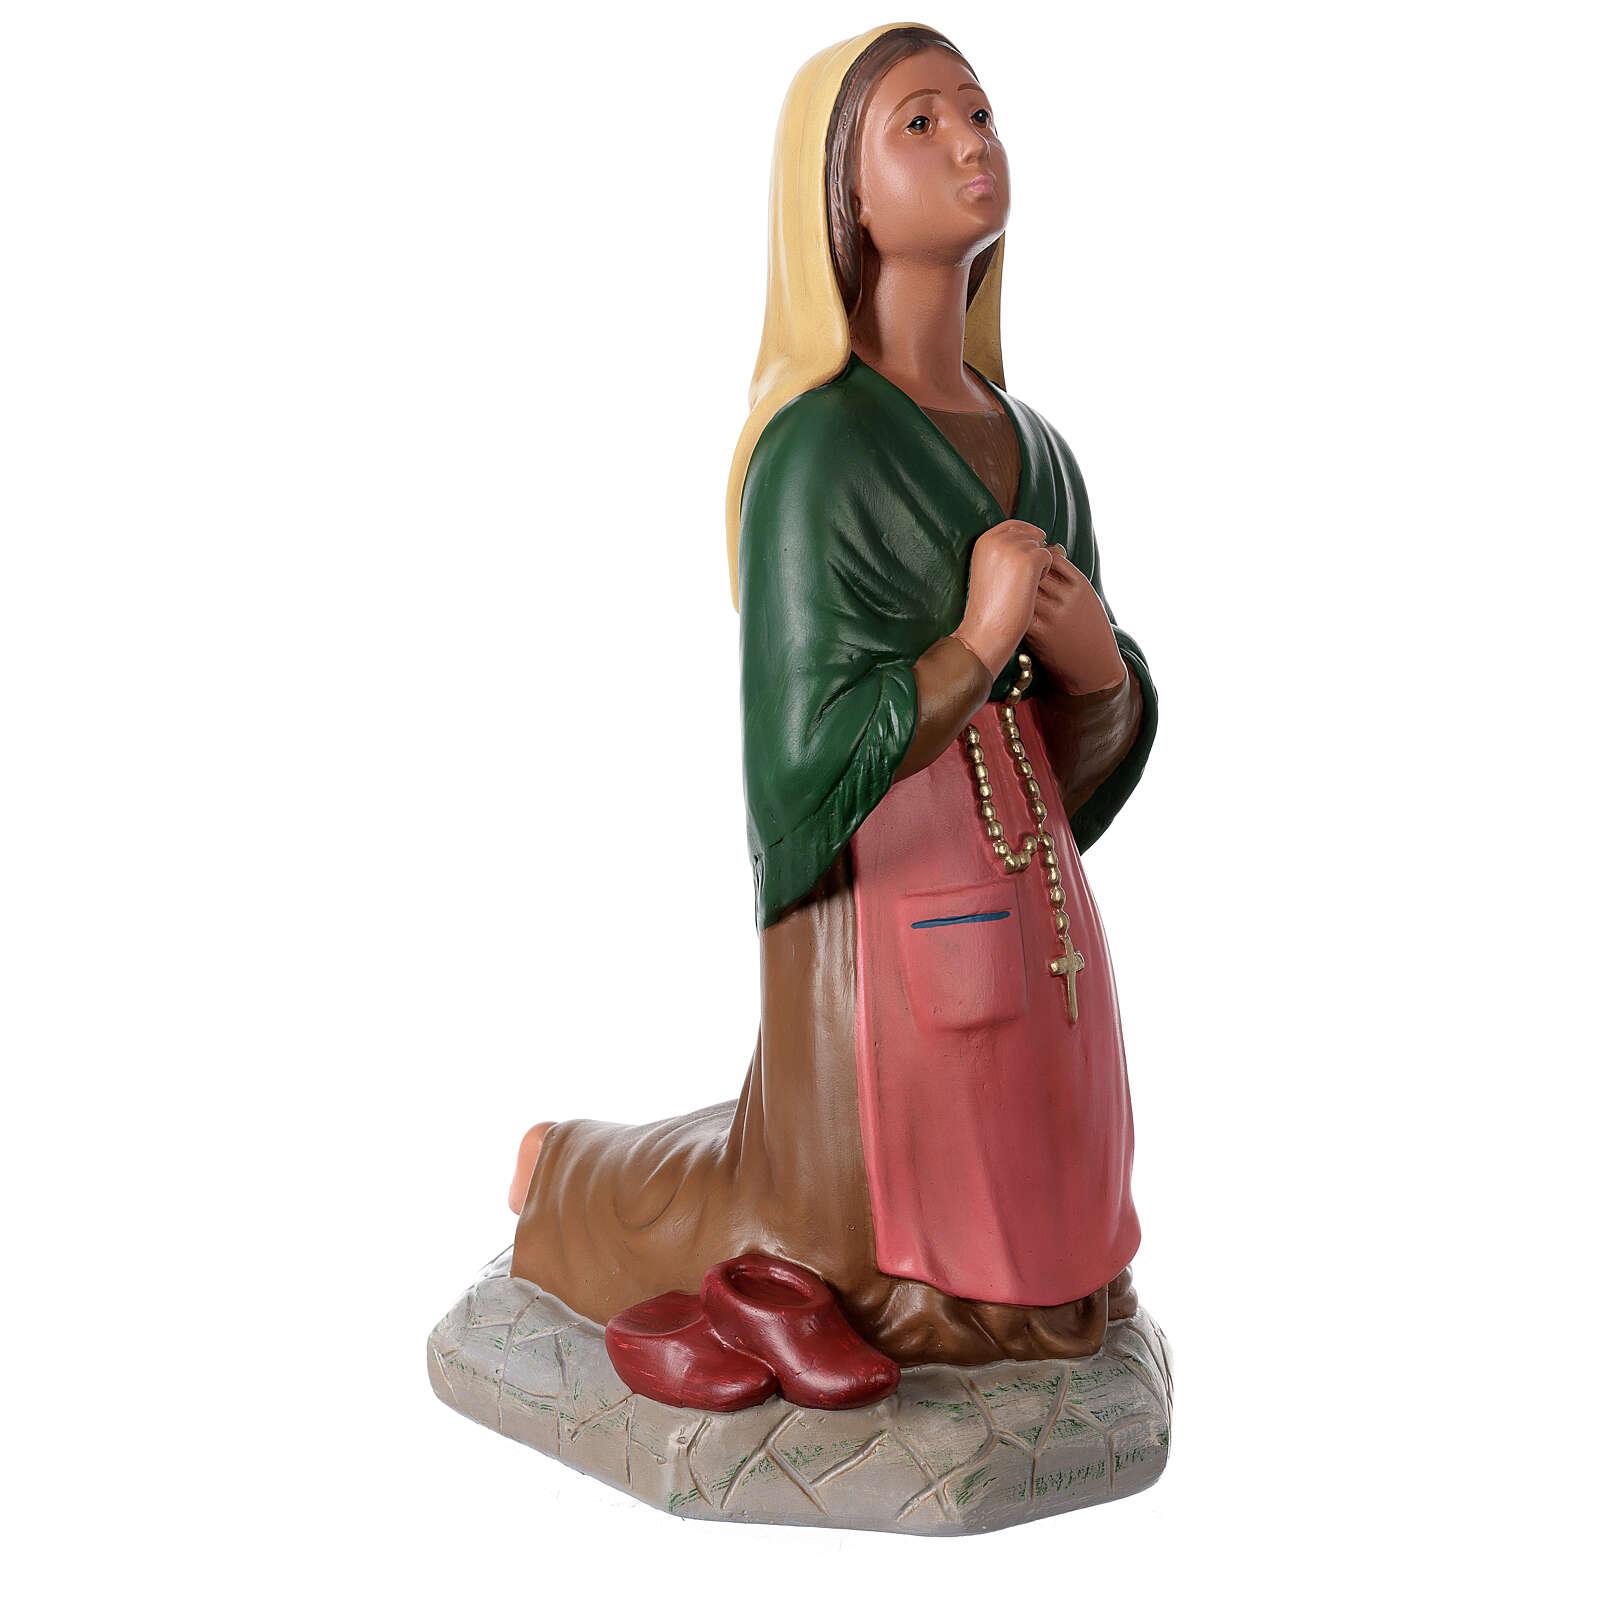 St. Bernadette hand painted plaster statue Arte Barsanti 60 cm 4